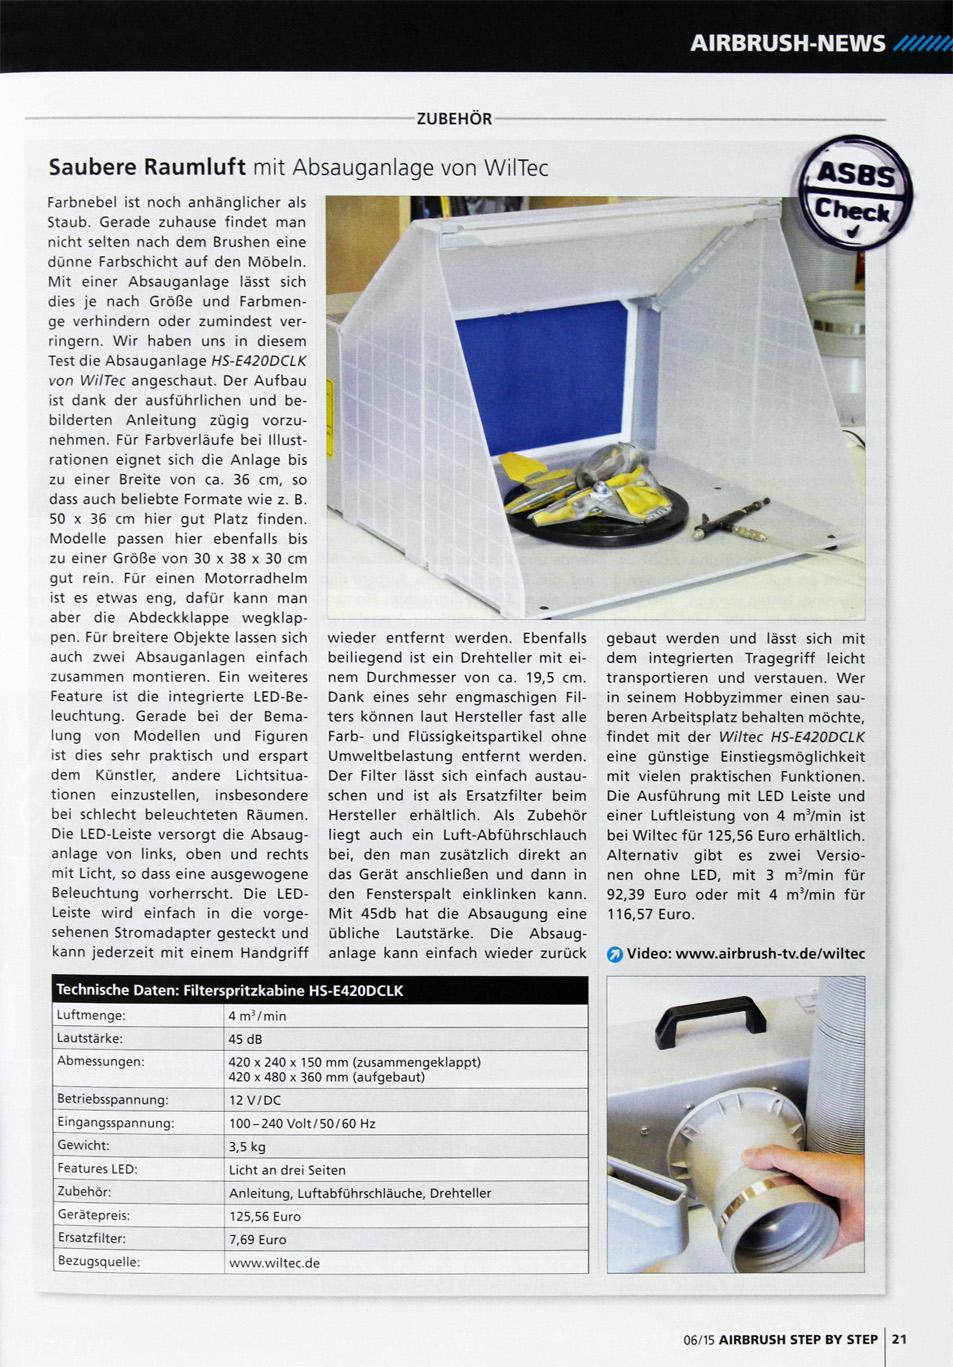 Airbrush WilTec Absauganlage Artikel